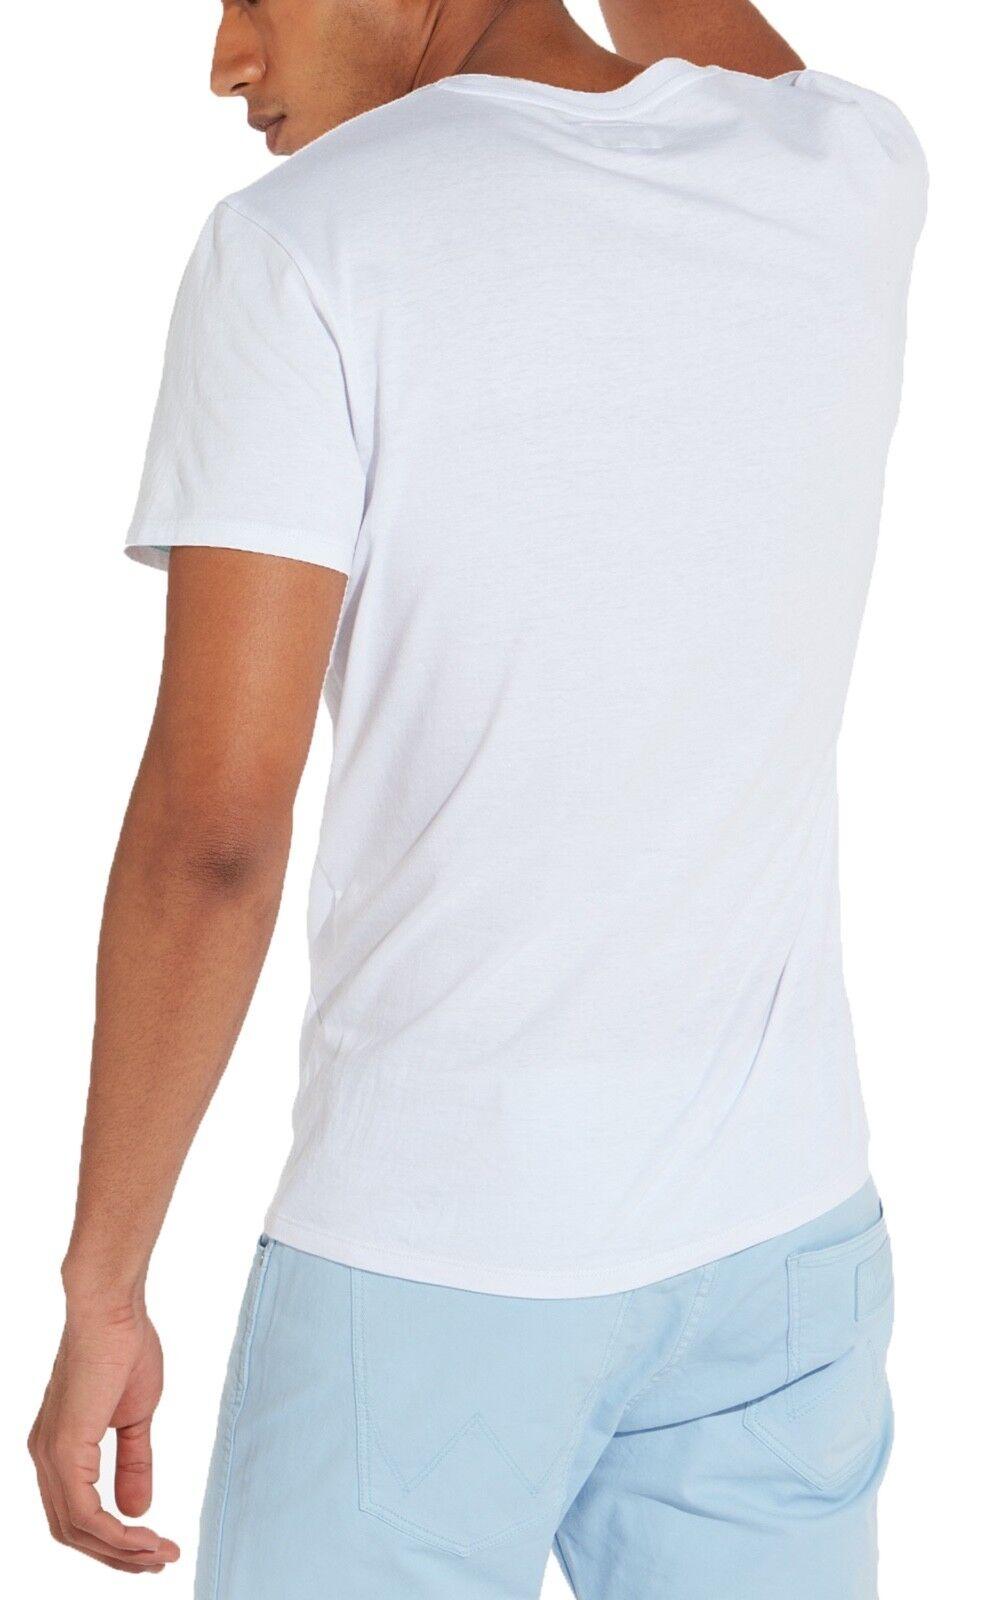 Wrangler Nuovo Retrò W Logo T-Shirt Girocollo Stampa Stampa Stampa Maglietta Cotone Bianco e08a7b